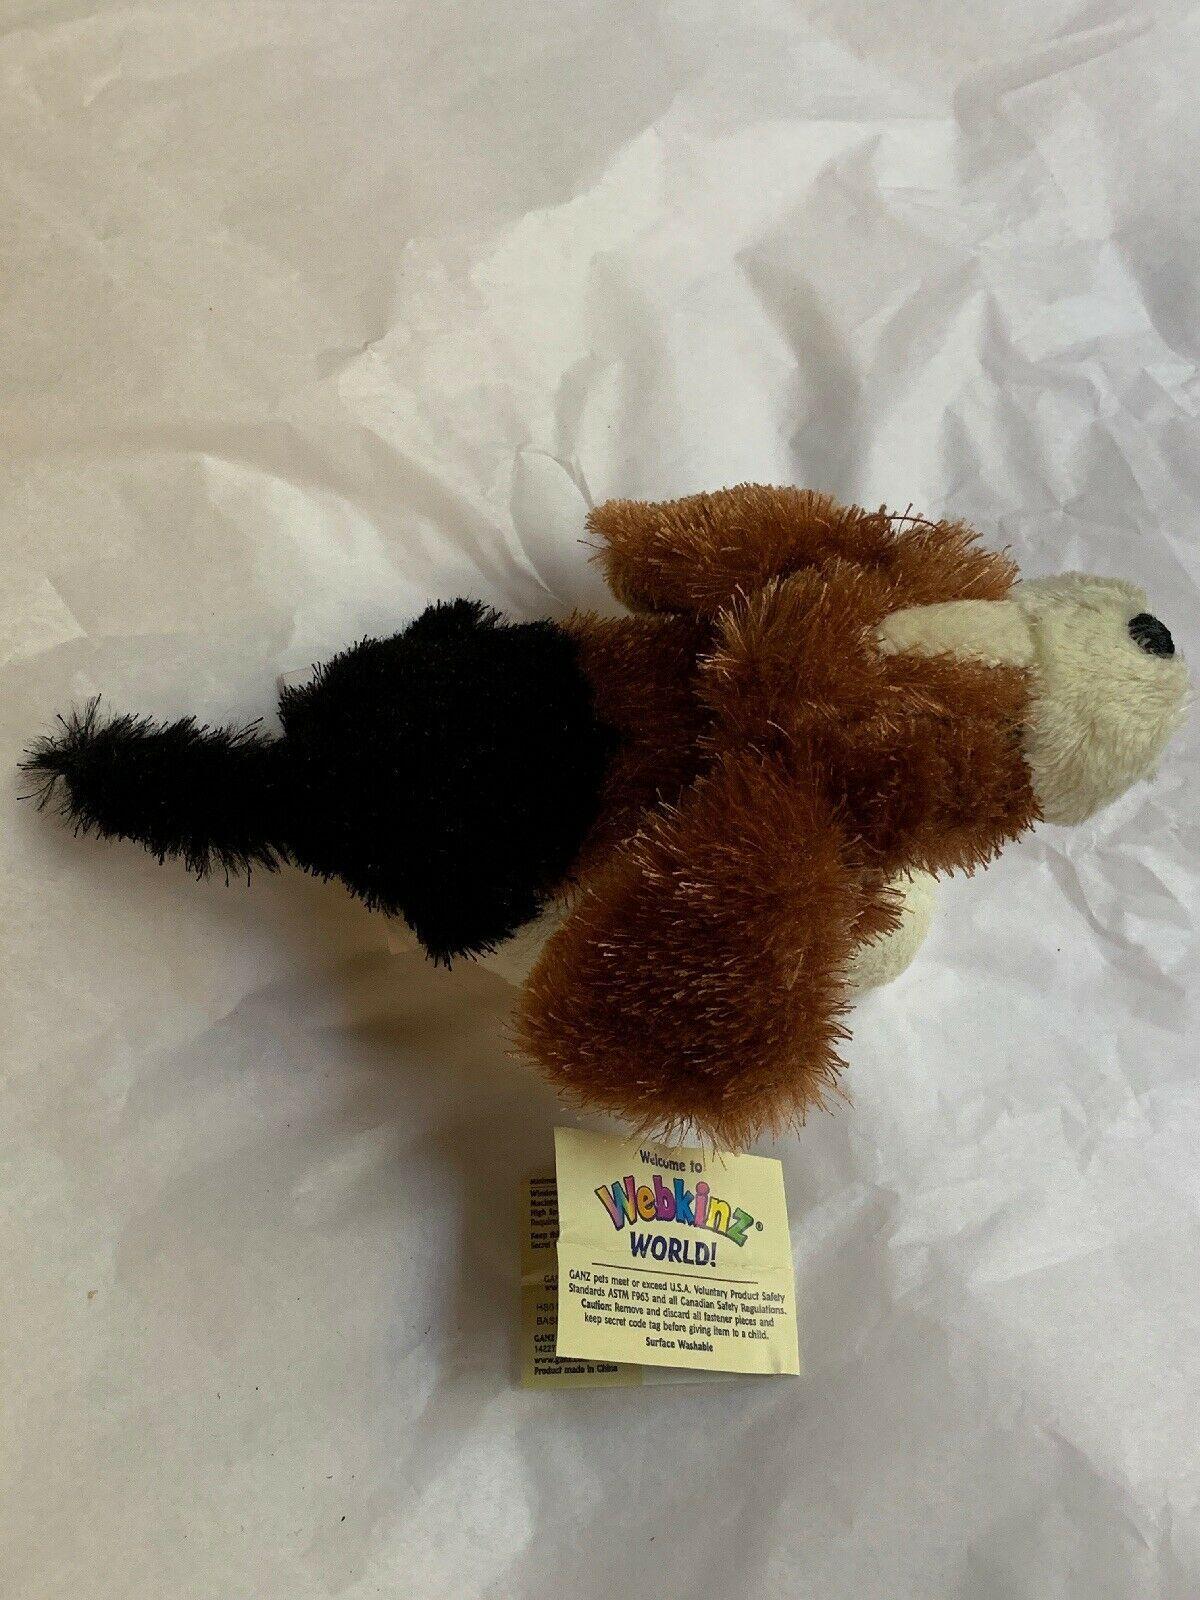 Ganz Webkinz Shaggy Brown White Basset Hound Puppy Dog Stuffed Plush Animal 9in image 3